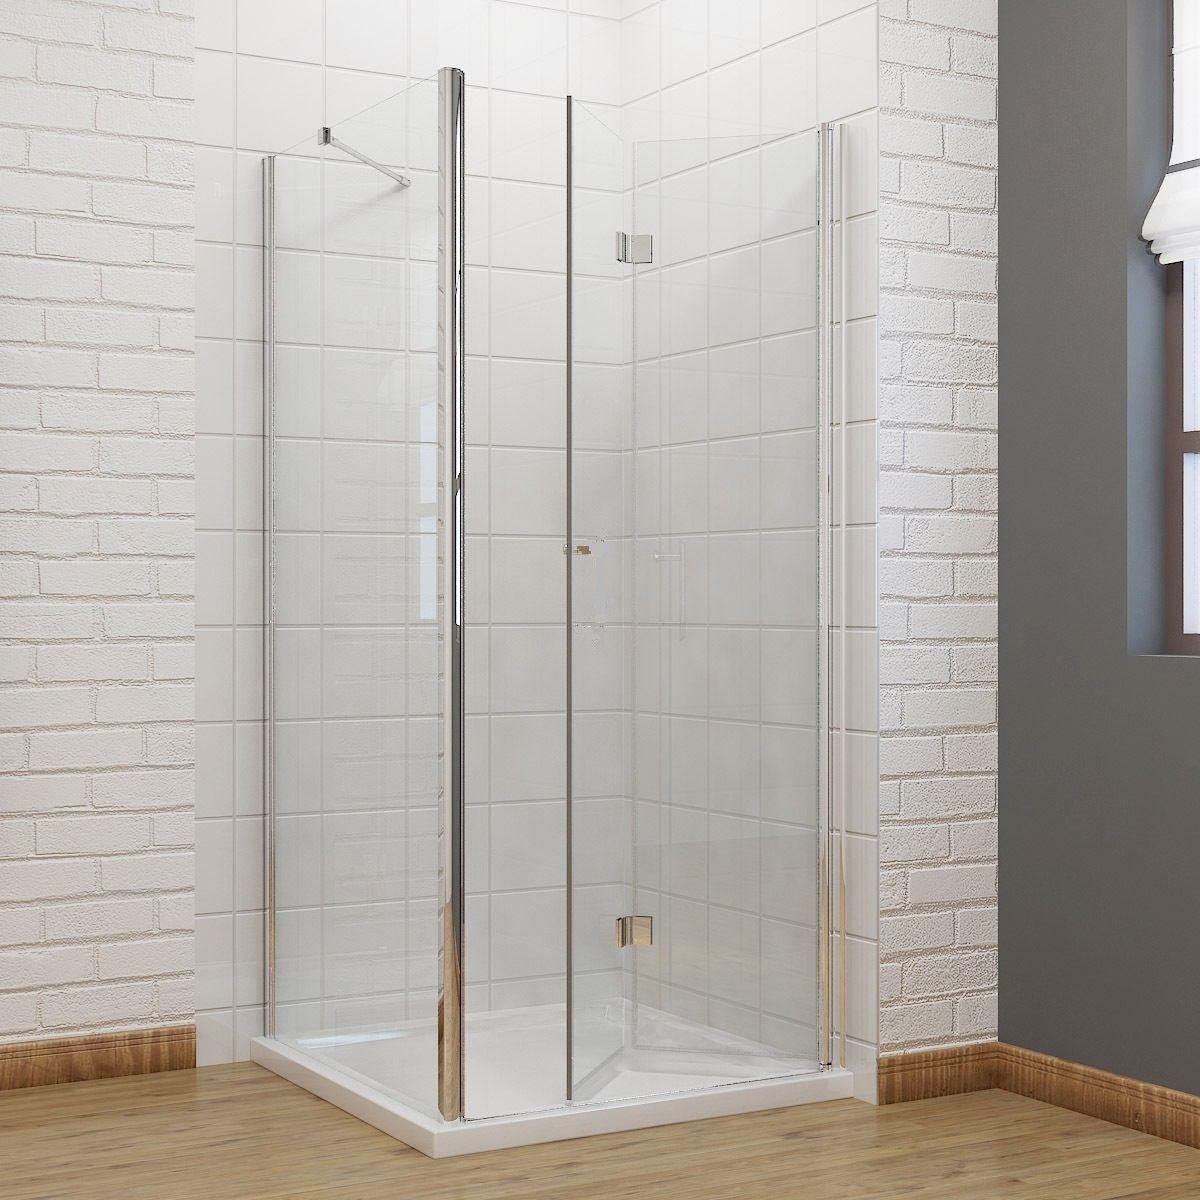 Badstuber Smart douchecabine met vouwdeur 90x90cm rechts